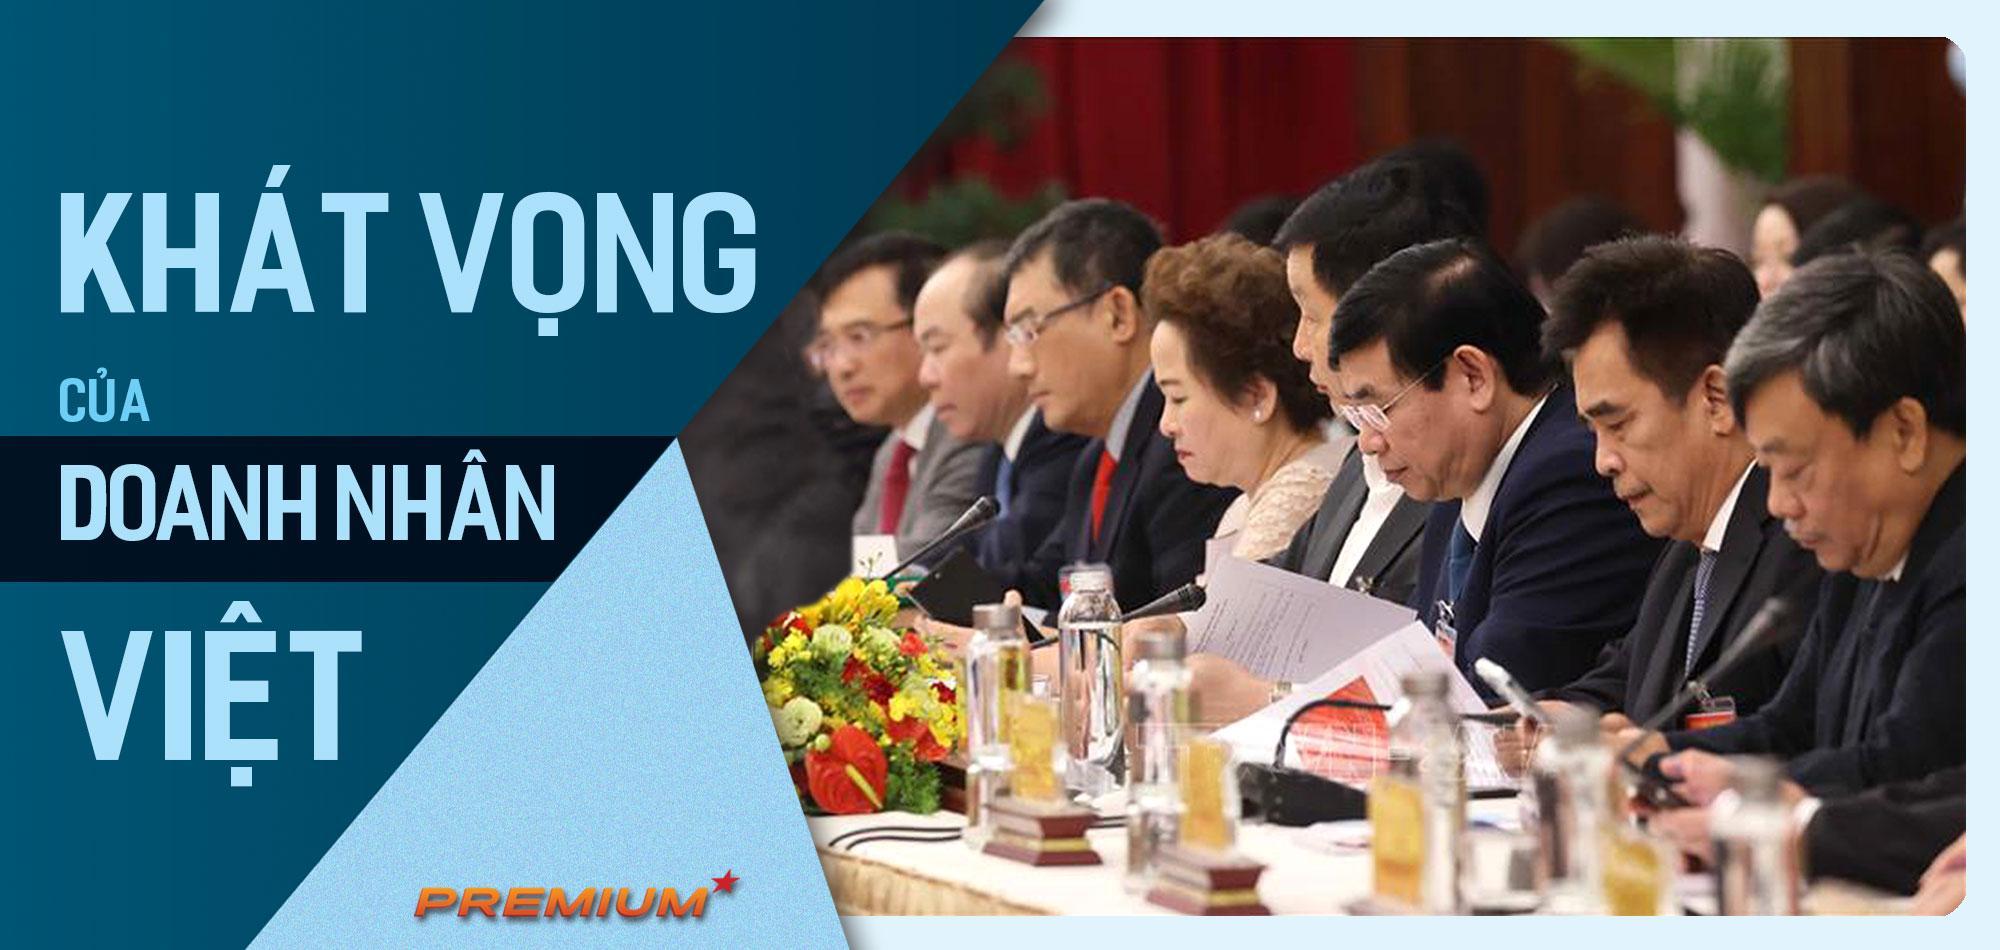 Khát vọng của doanh nhân Việt